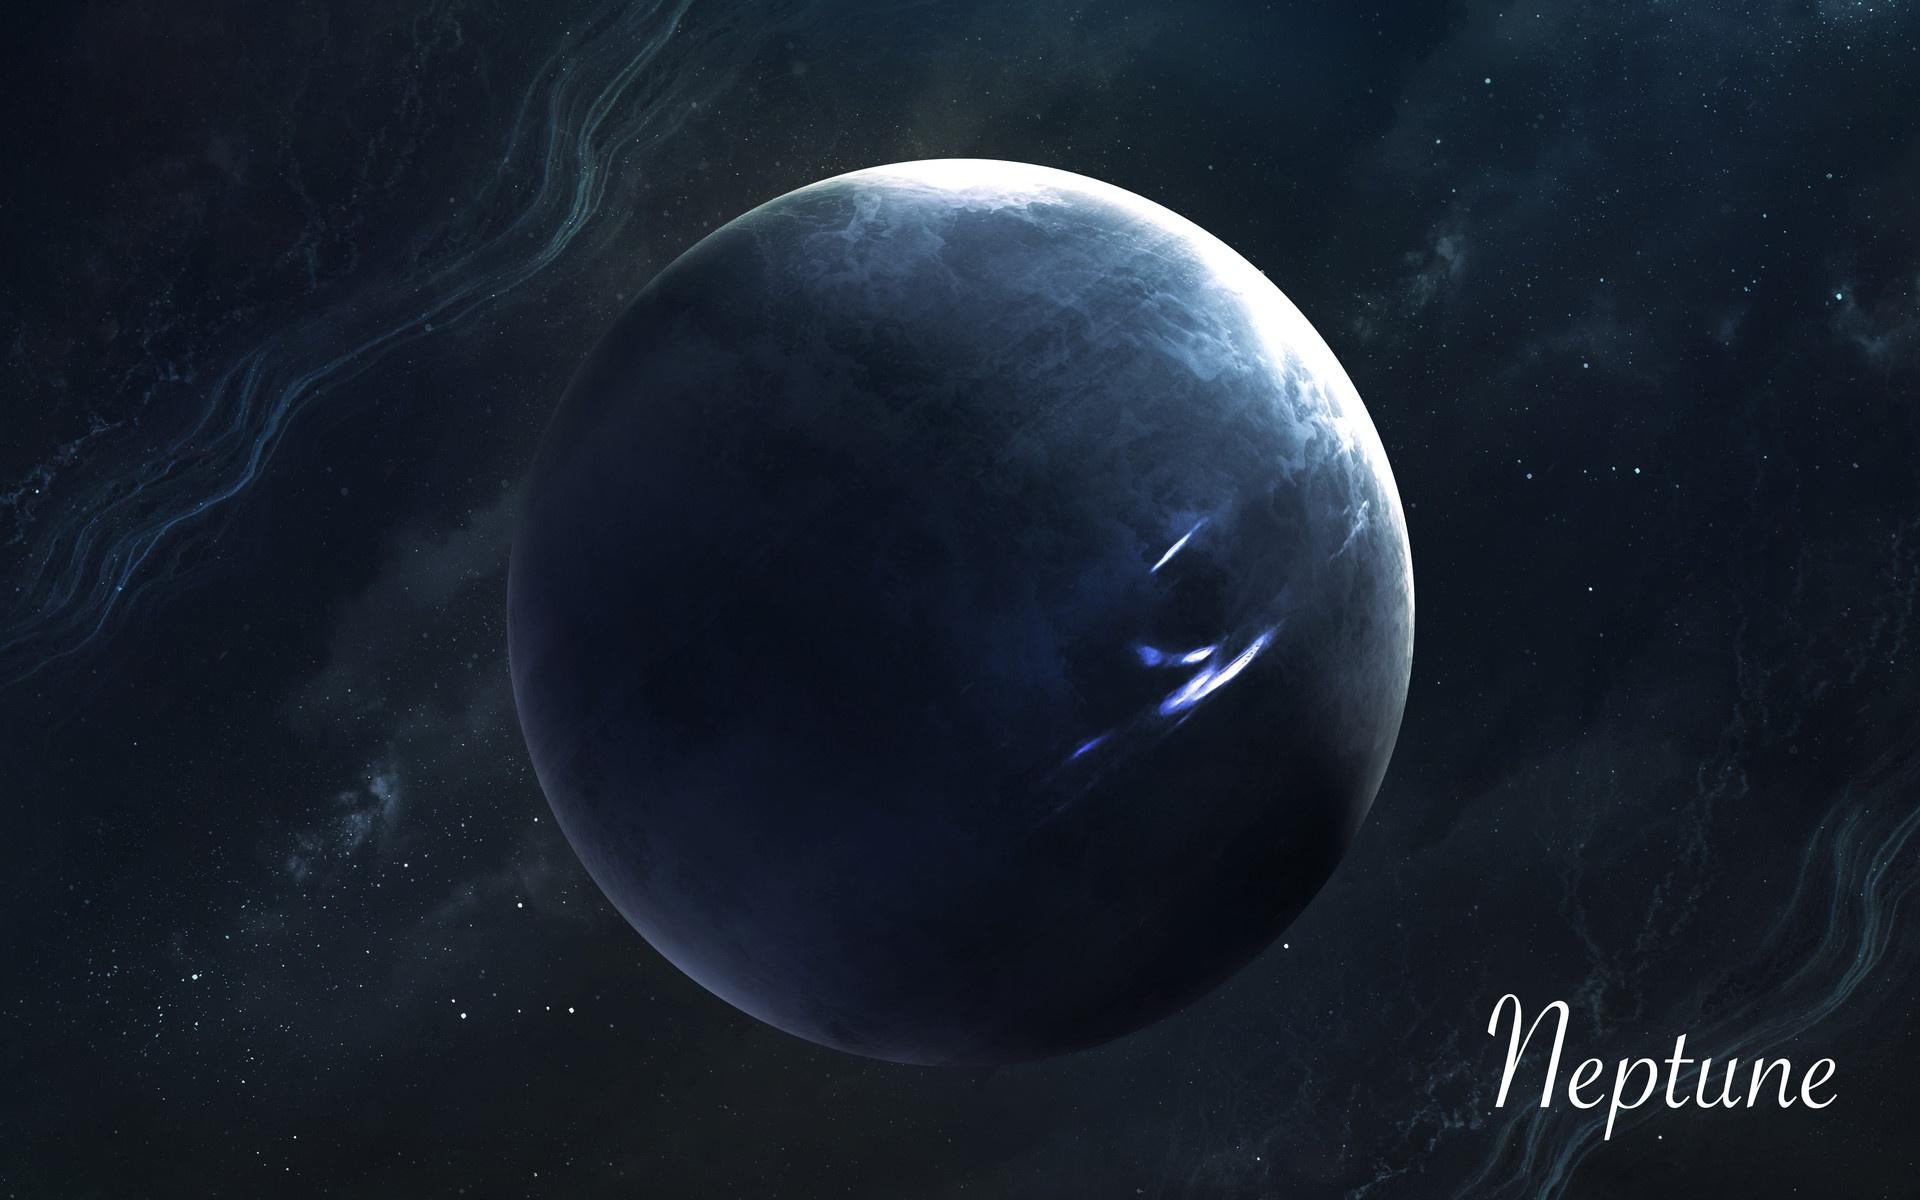 википедии есть космос картинки нептун даже удалось